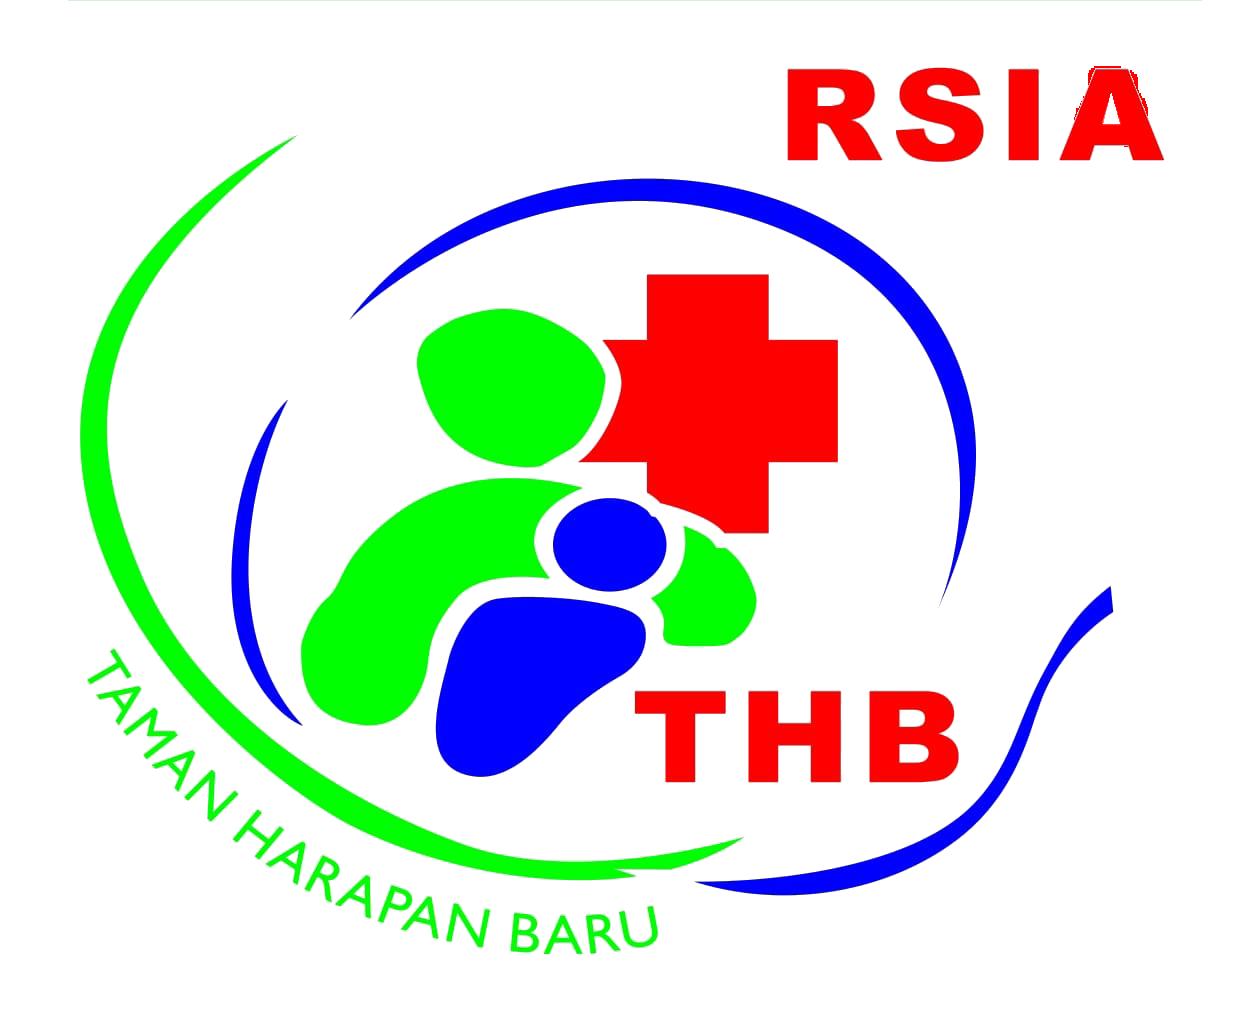 RSIA THB